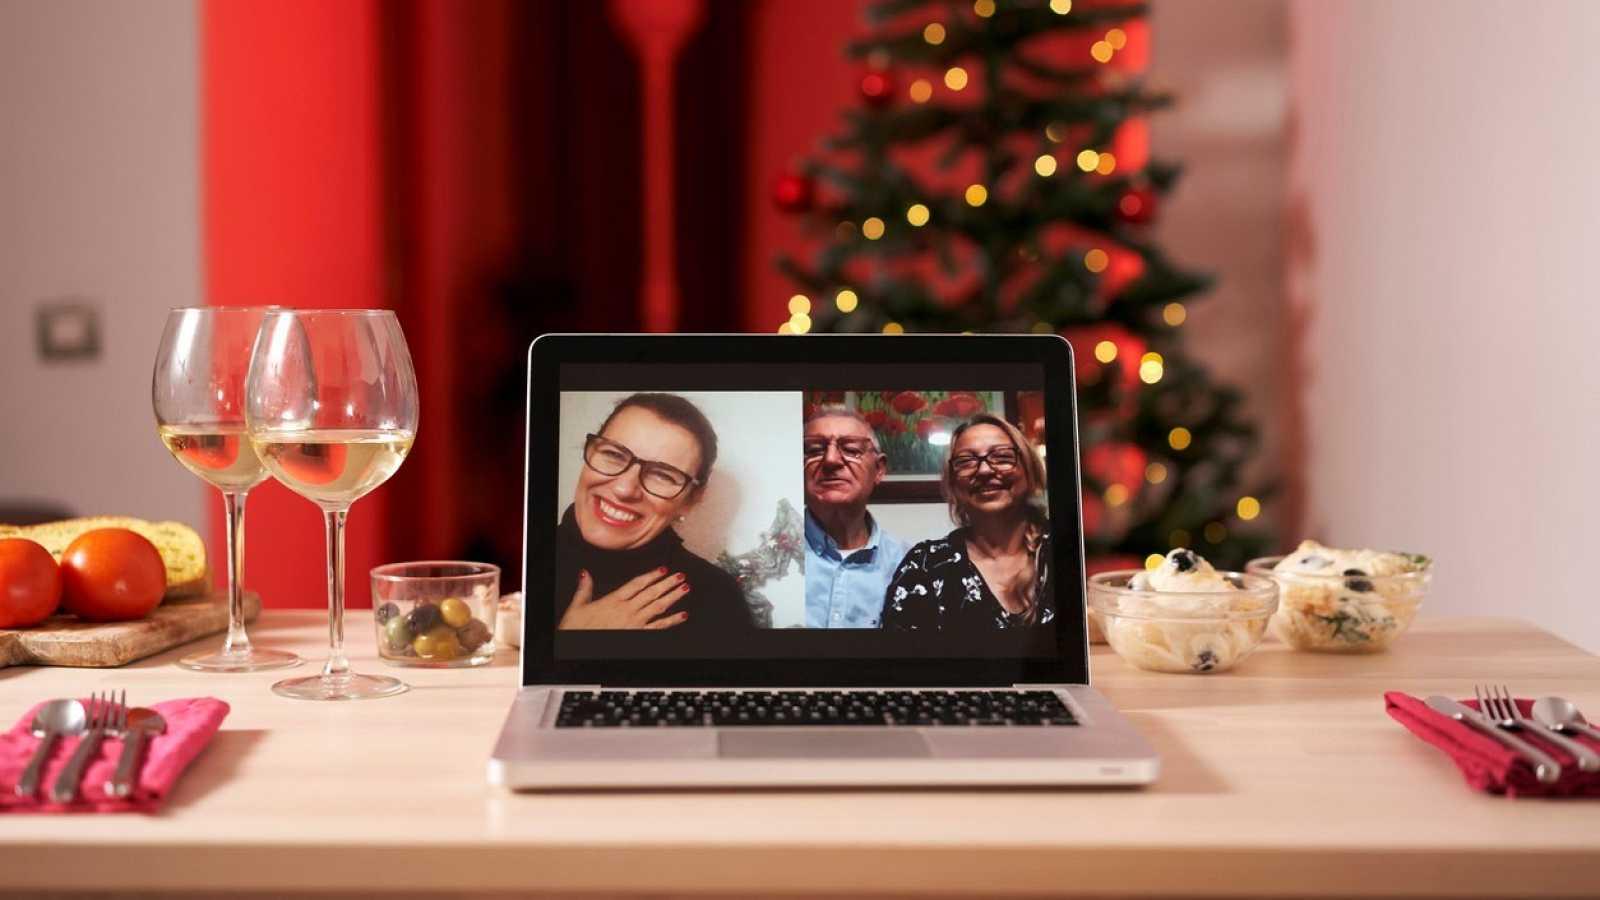 Las videollamadas serán una parte fundamental de estas Navidades